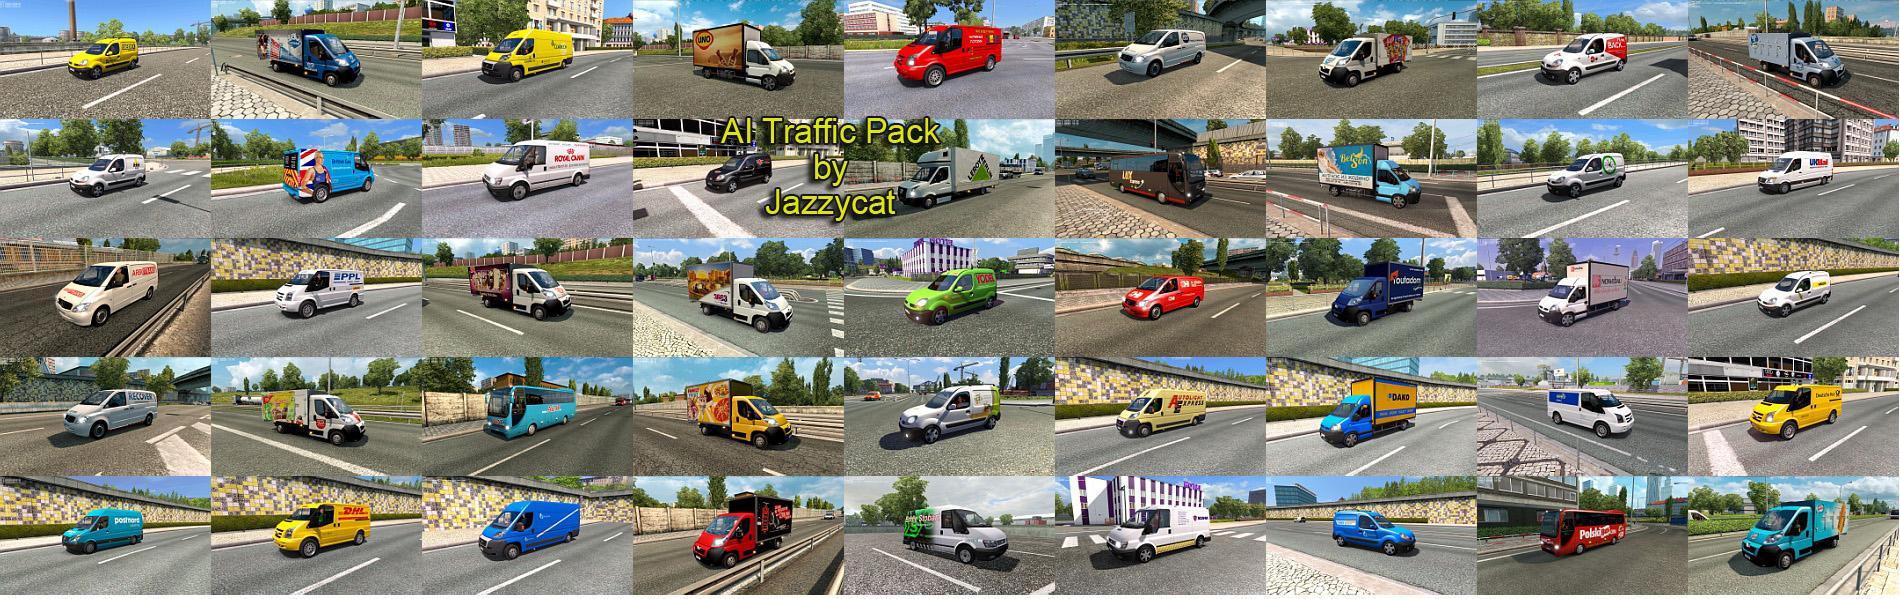 AI TRAFFIC PACK BY JAZZYCAT V5 4 ETS2 MOD - ETS2 Mod